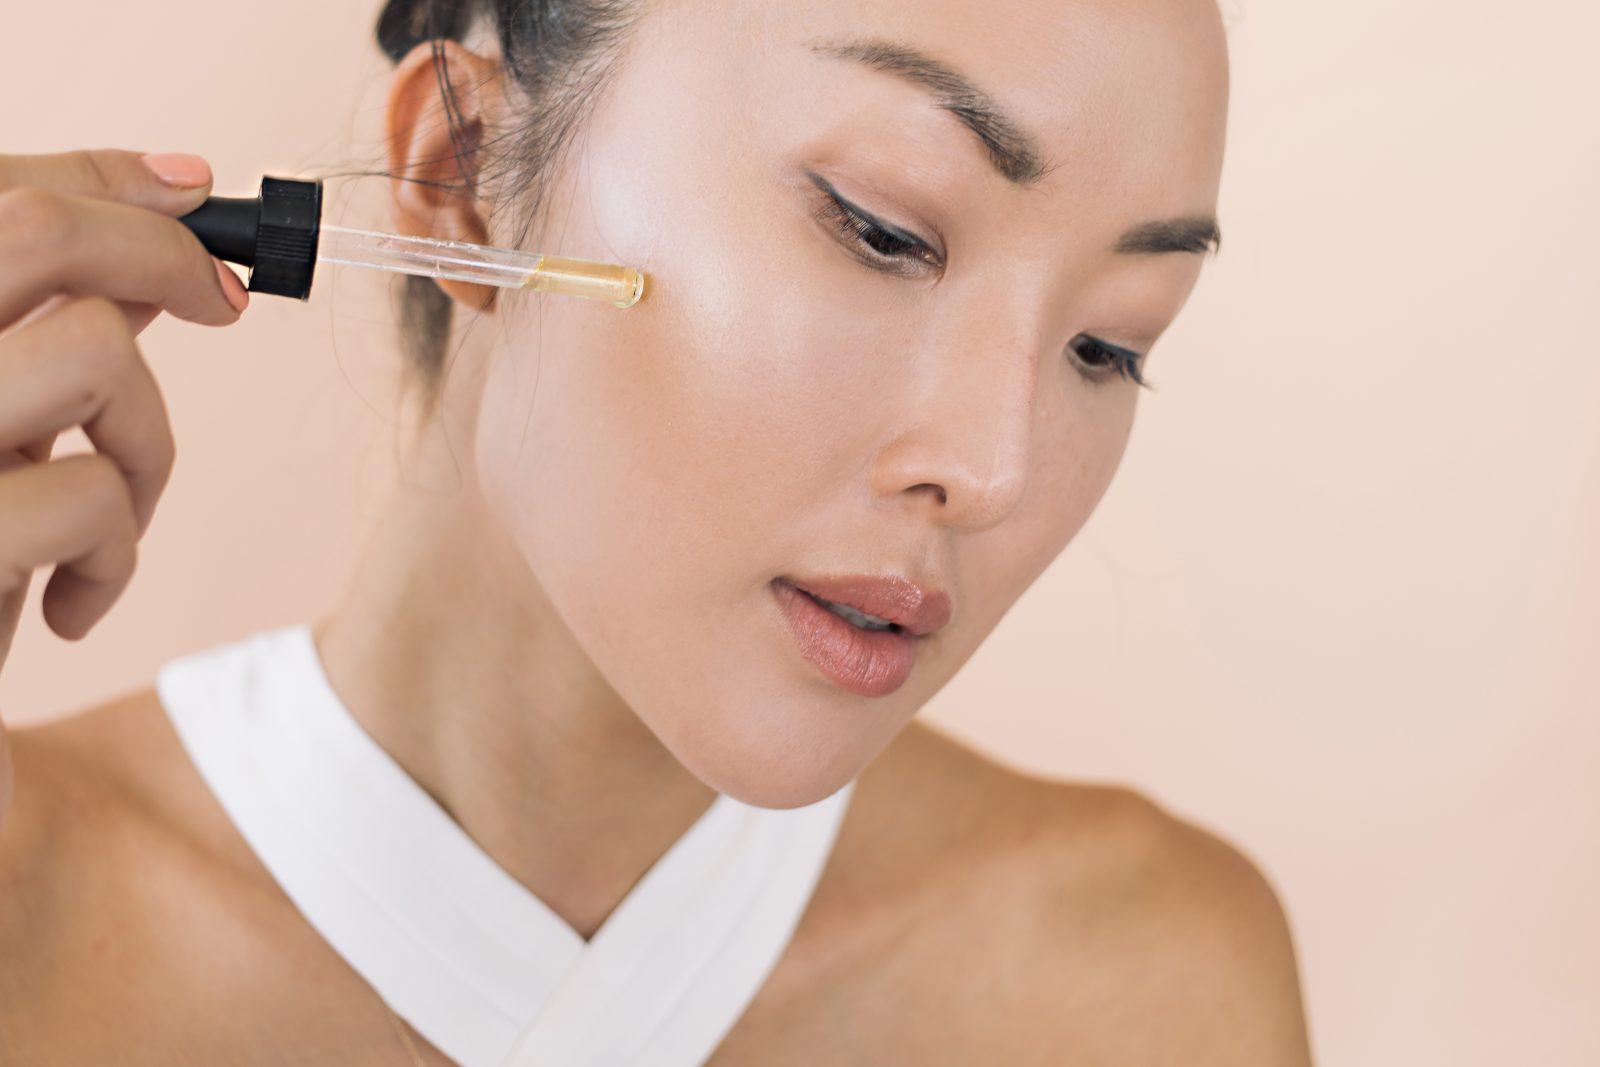 Trời sang thu, cần thay đổi 6 thói quen chăm sóc hàng ngày này để làn da luôn hồng hào, mềm mịn - Ảnh 1